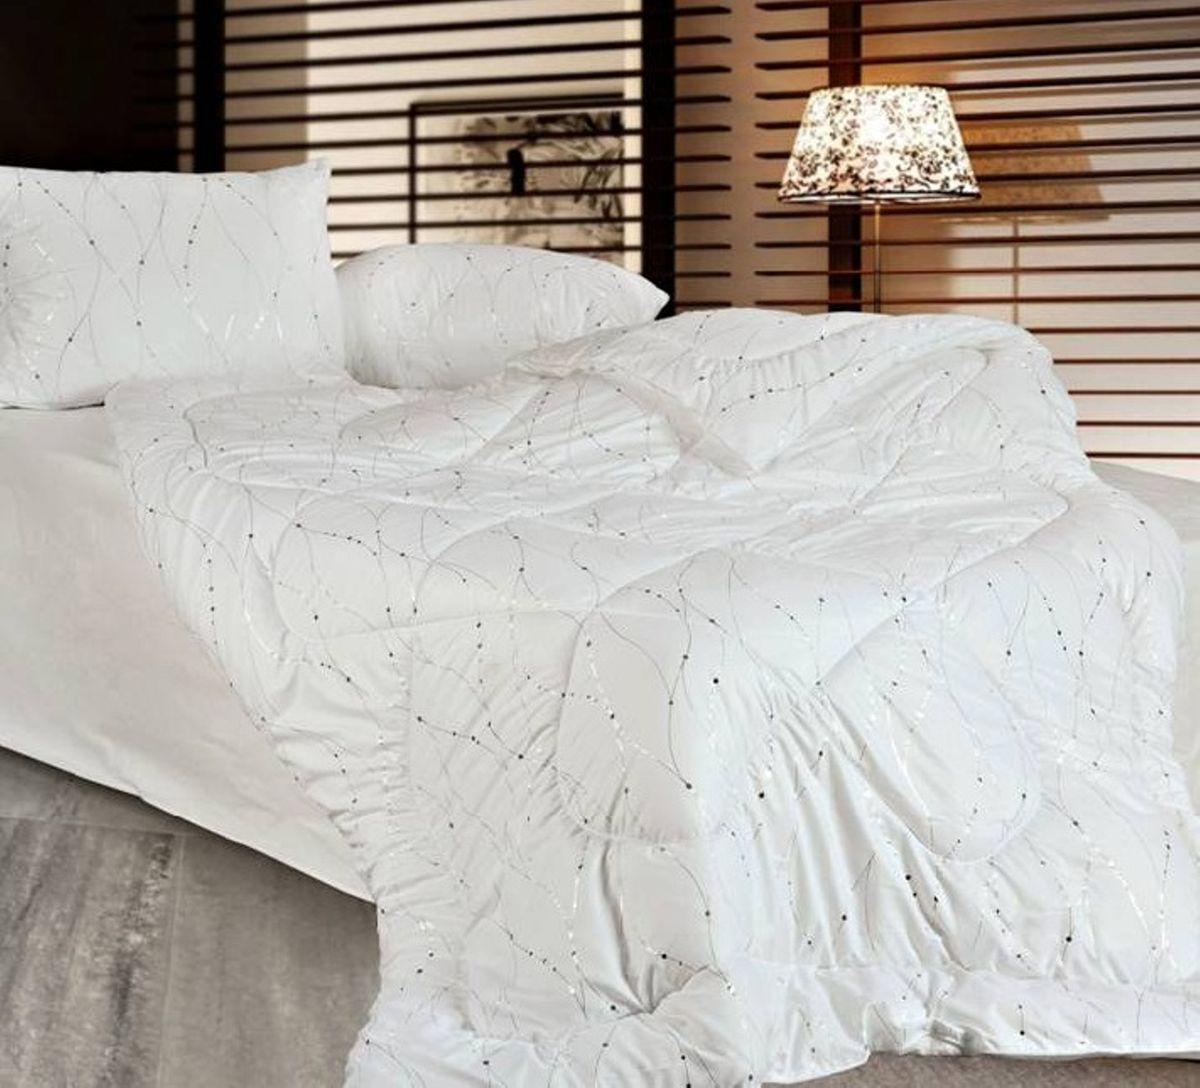 Одеяло Home & Style, наполнитель: соевое волокно, цвет: белый, серебристый, 140 х 205 см531-326Одеяло Home & Style приятно удивит вас и создаст атмосферу тепла и комфорта в вашем доме. Одеяло изготовлено из полиэстера, а наполнителем является соевое волокно.Соевое волокно, изготовленное с использованием растительных протеинов сои, недаром называют волокном жизни. Соевые волокна содержат уникальные аминокислоты и витамины токоферолы, которые благотворно воздействуют на кожу человека, предотвращают старение, снижают воспалительные процессы на коже.Одеяла из соевого волокна необычайно мягкие, воздушные, теплые, гигроскопичные и воздухопроницаемые. Они мягкие, как шелк, теплые, как кашемир. Благодаря ей наполнитель удерживает тепло в холодную погоду и не препятствует свободной циркуляции воздуха для удаления влаги в жаркую погоду. Наполнитель не сваливается и не приминается, великолепно сохраняя форму даже после многократных стирок и сушек, подходит людям, страдающим аллергией на пух и перья.Свойства соевого волокна: - отличные теплоизоляционные свойства; - воздухопроницаемость; - гипоаллергенность; - простой и легкий уход; - быстро высыхает и восстанавливает объем после стирки. Размер: 140 х 205 см.